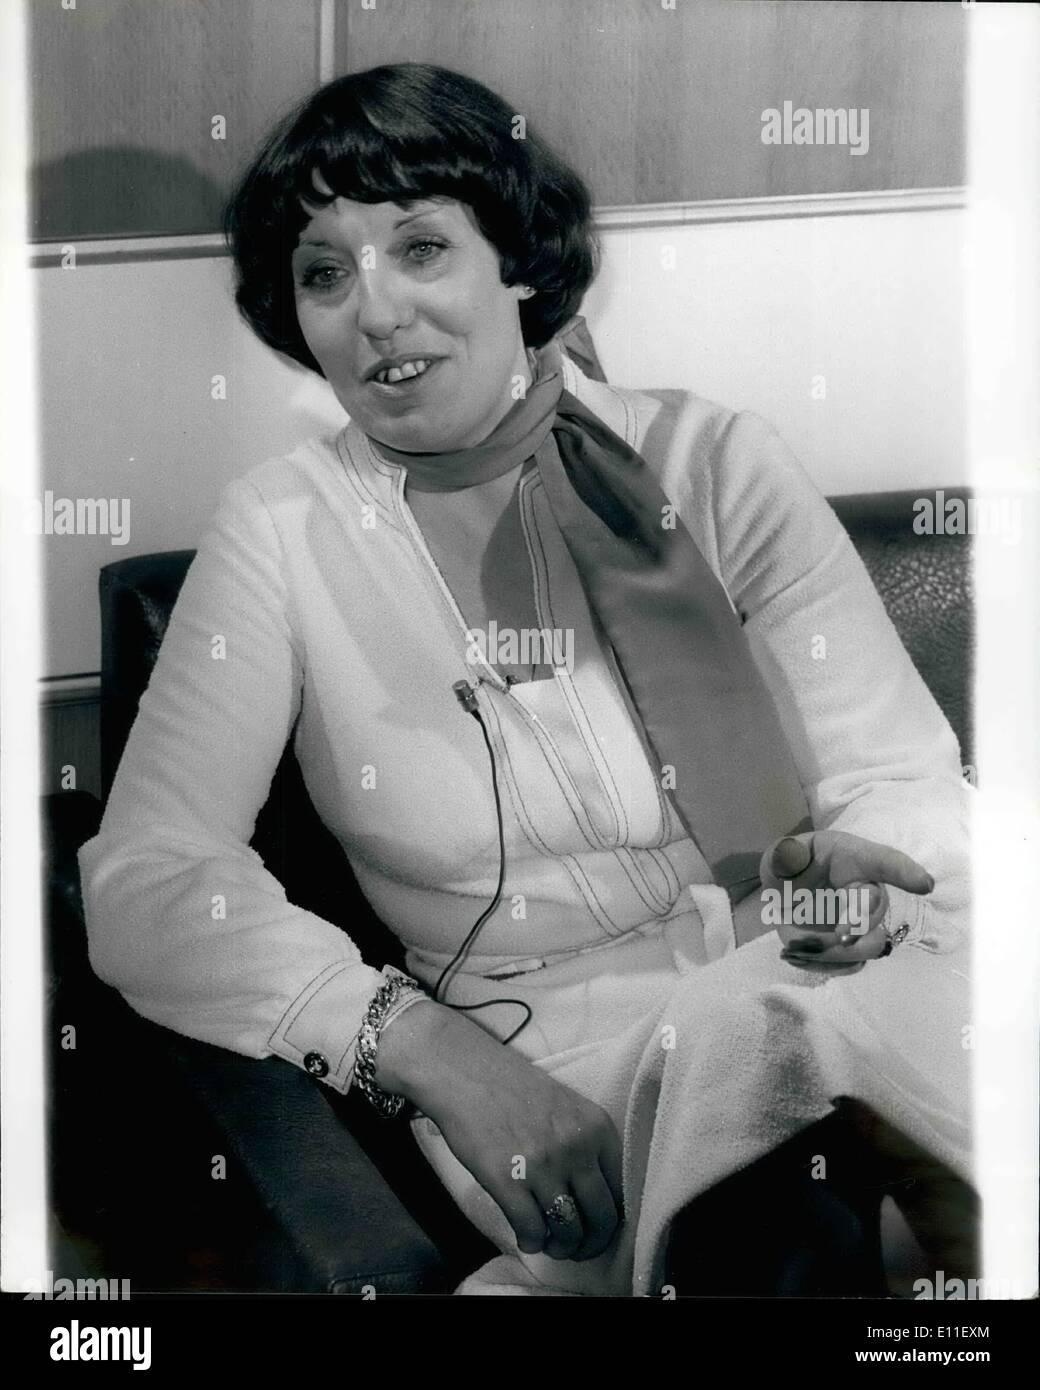 10 octobre 1977 - Les femmes leaders du mouvement de la paix de l'Ulster reçu le Prix Nobel de la paix: le prix Nobel de la paix a été décerné hier à la femme qui a fondé le mouvement de la paix de l'Ulster. Ils sont Betty Williams et Mairead Corrigan, et le prix sera d'une valeur de plus de 5 000. Phot montre Mme Betty Williams vu à Londres hier, après avoir entendu la nouvelle de l'attribution du Prix Nobel de la paix pour elle et Mme Mairead Corrigan. Photo Stock